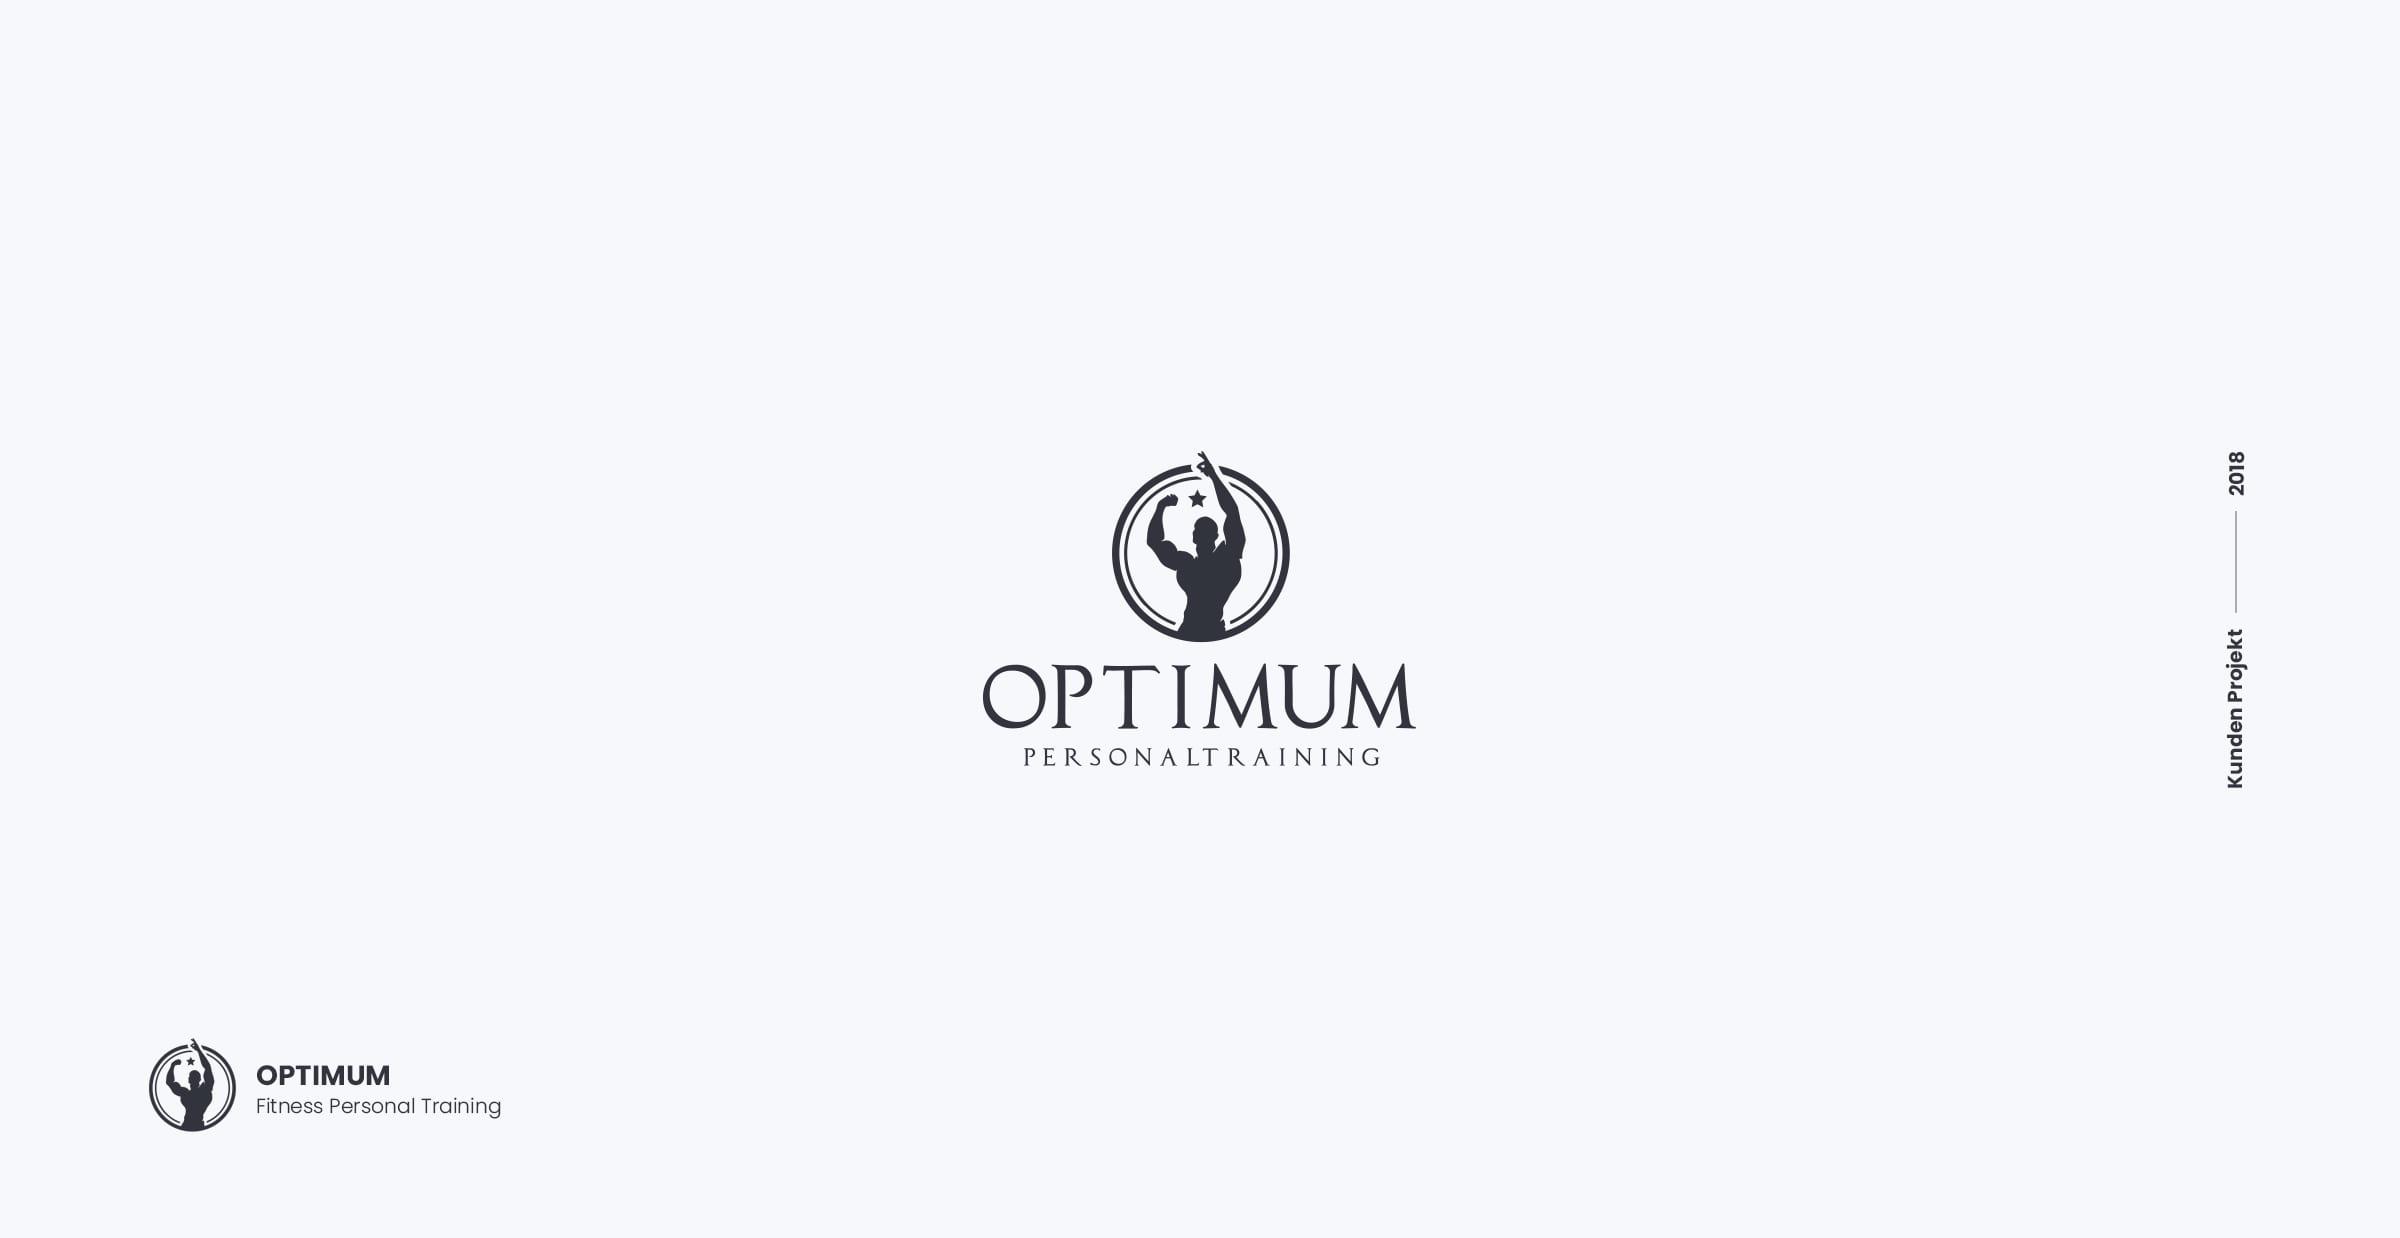 Personaltraining Logo Design